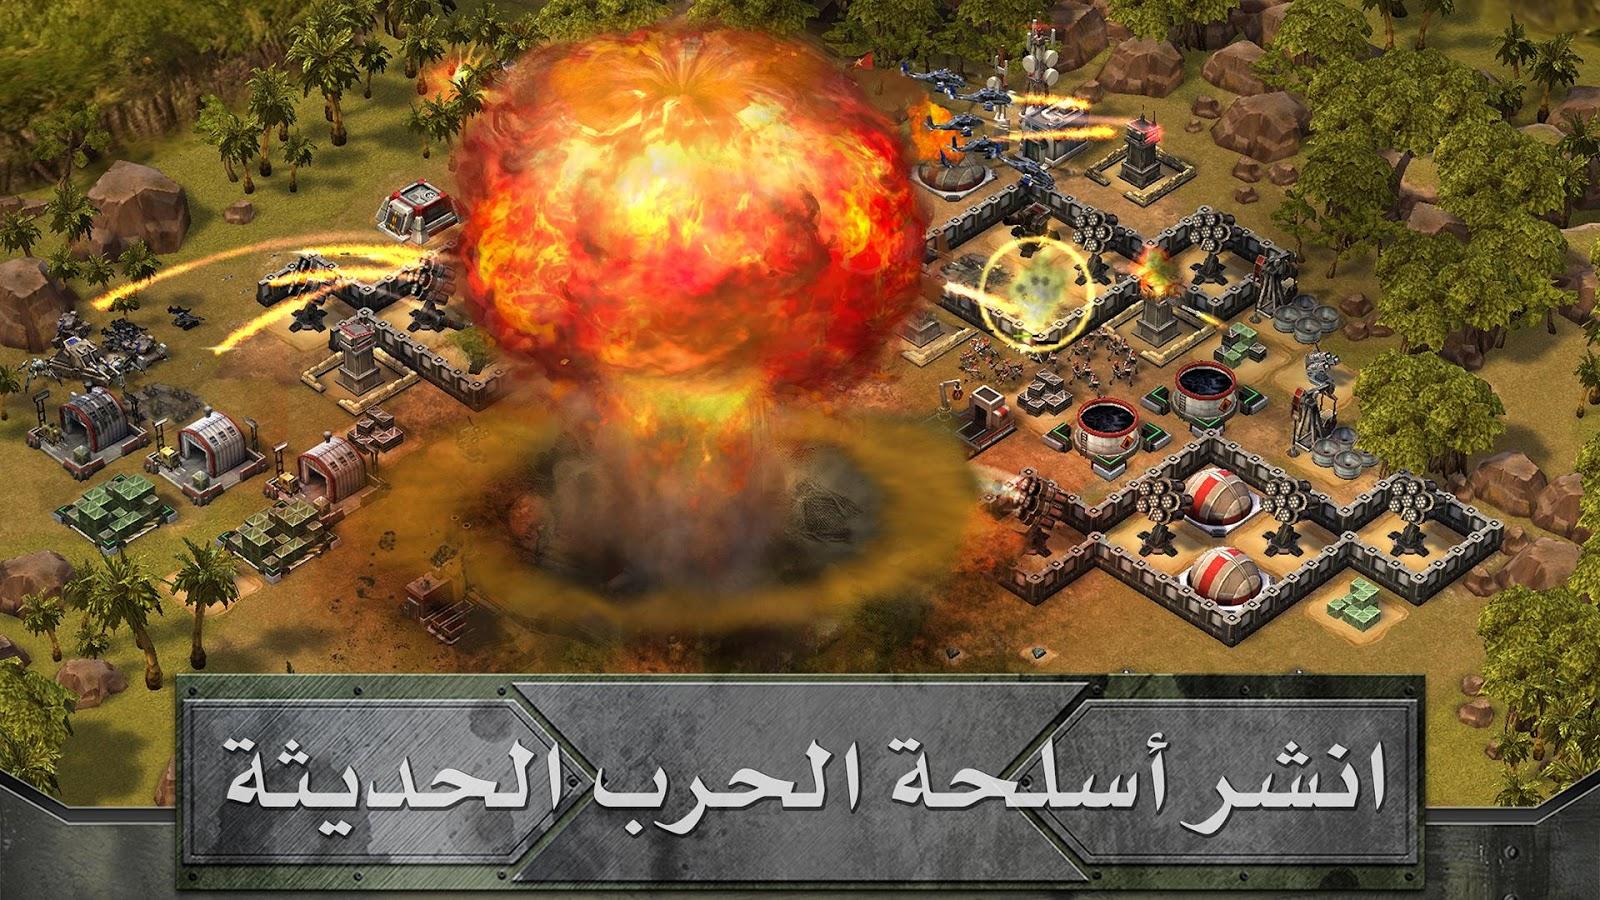 لعبة empires & allies للكمبيوتر